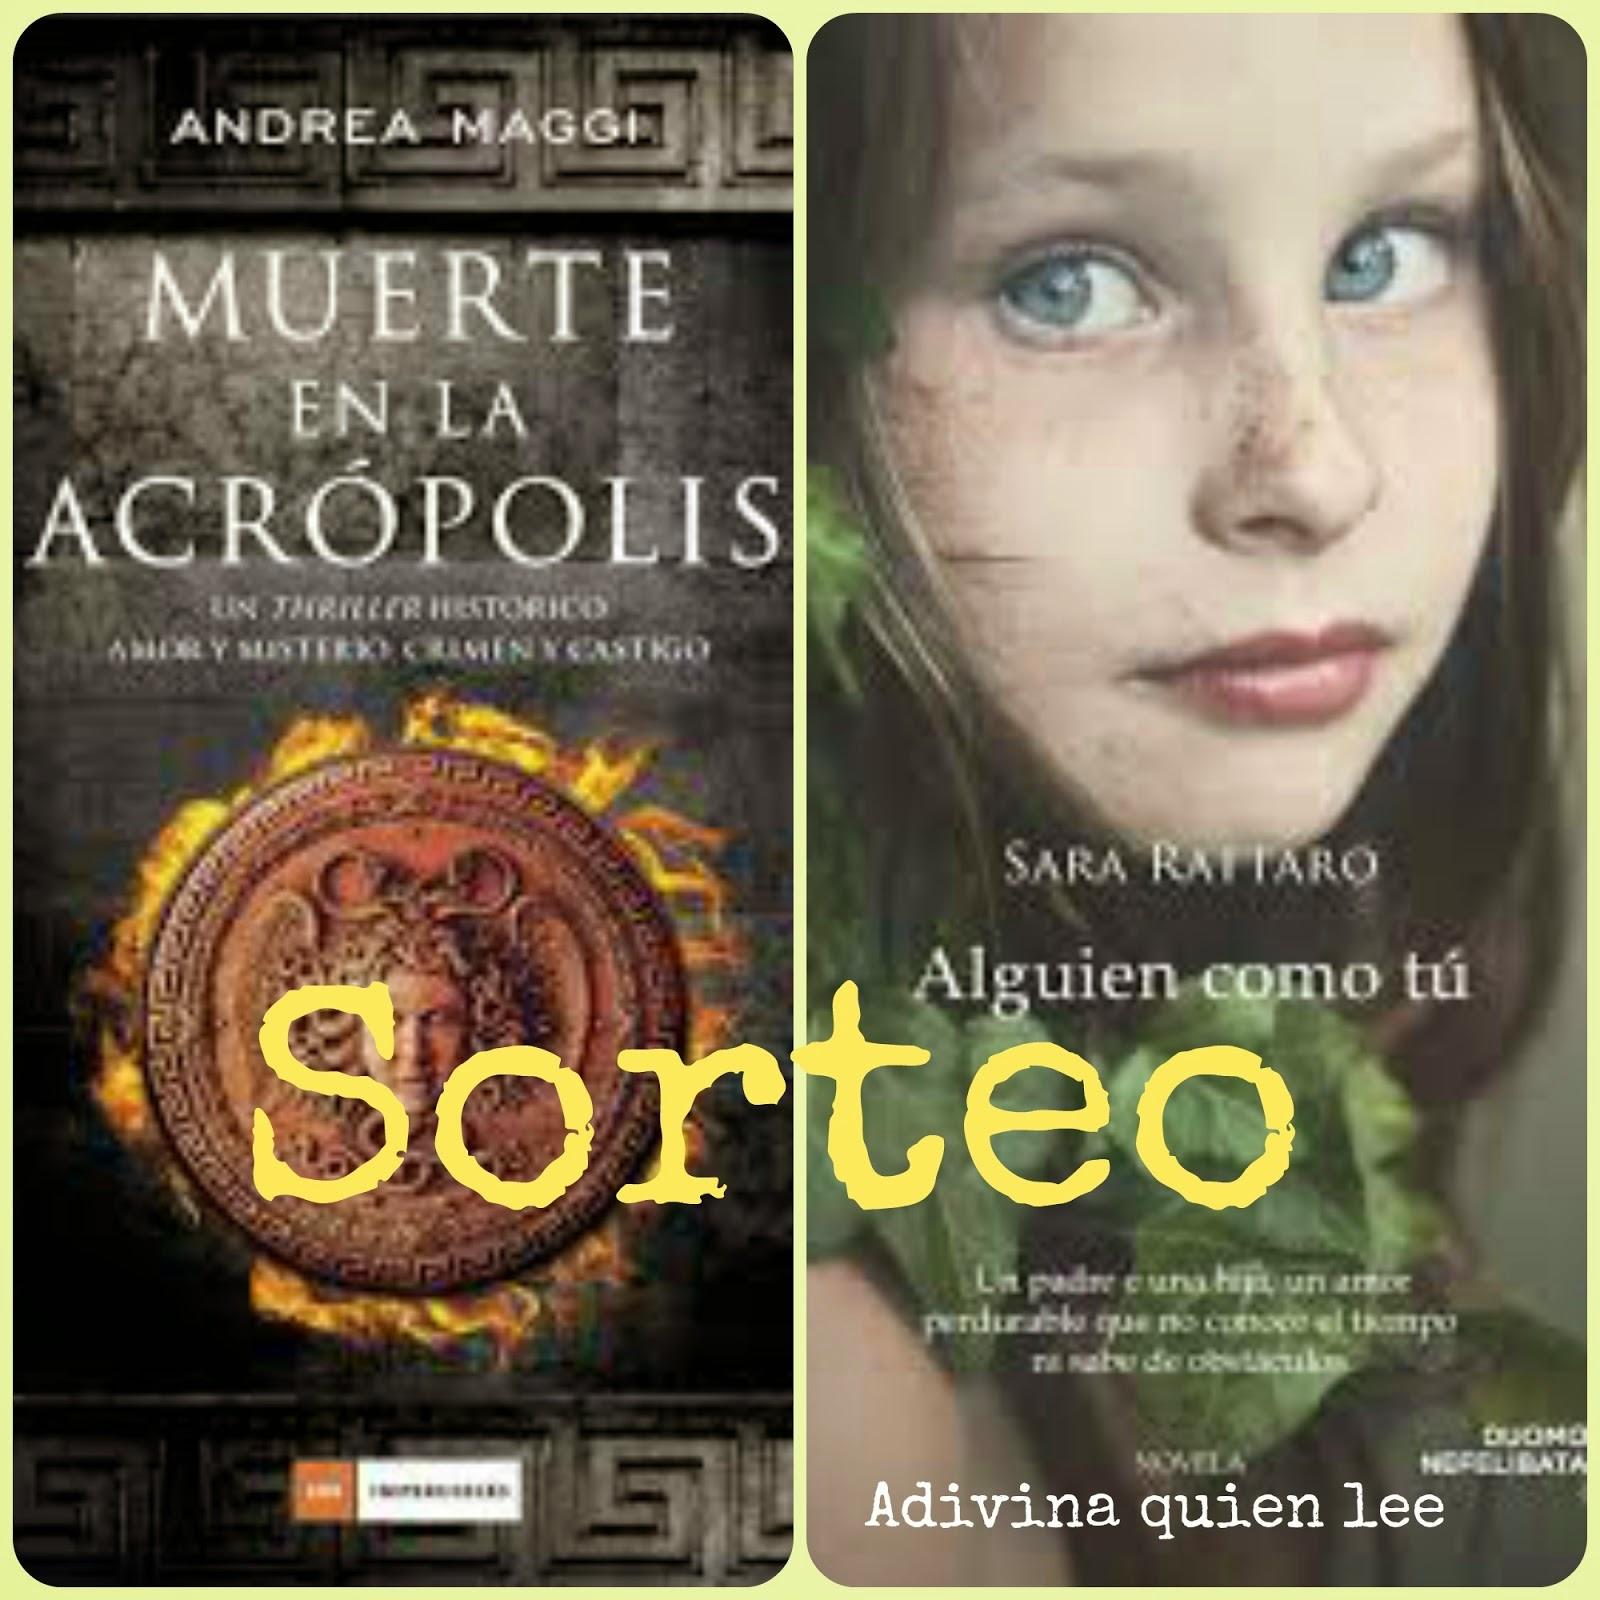 http://adivinaquienlee.blogspot.com.es/2015/03/doble-sorteo-muerte-en-la-acropolis-y.html